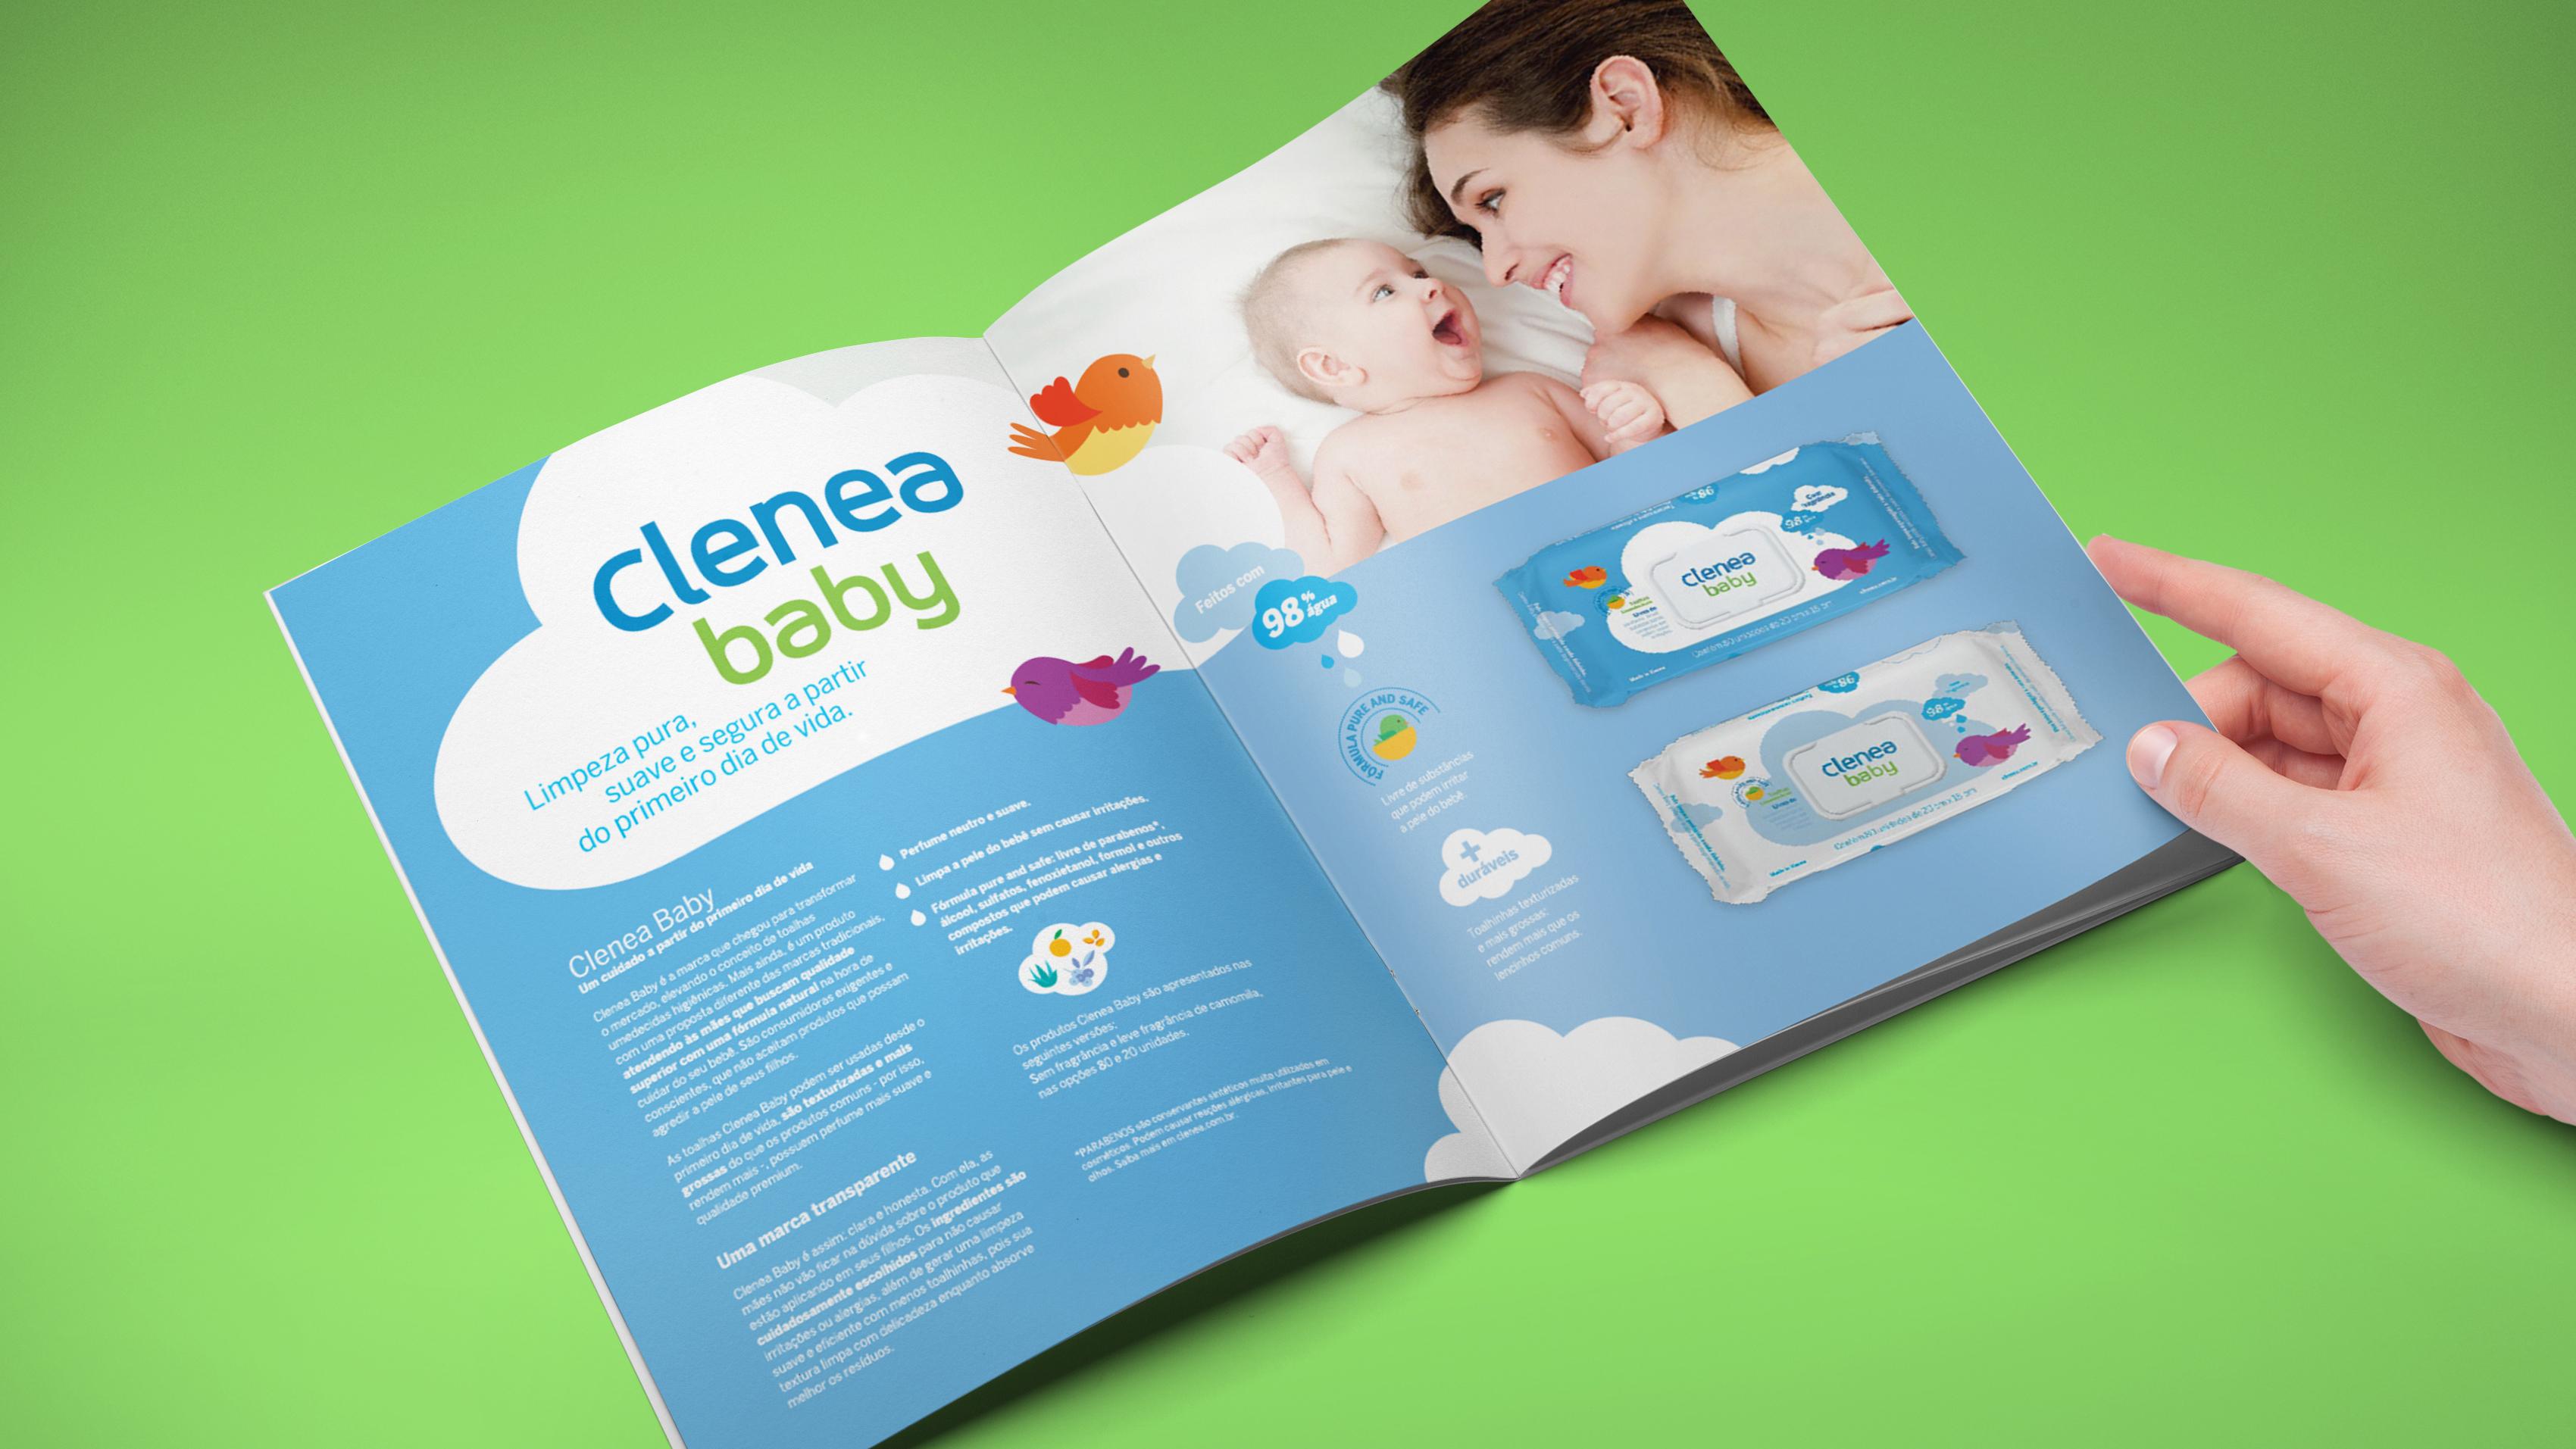 Clenea Baby